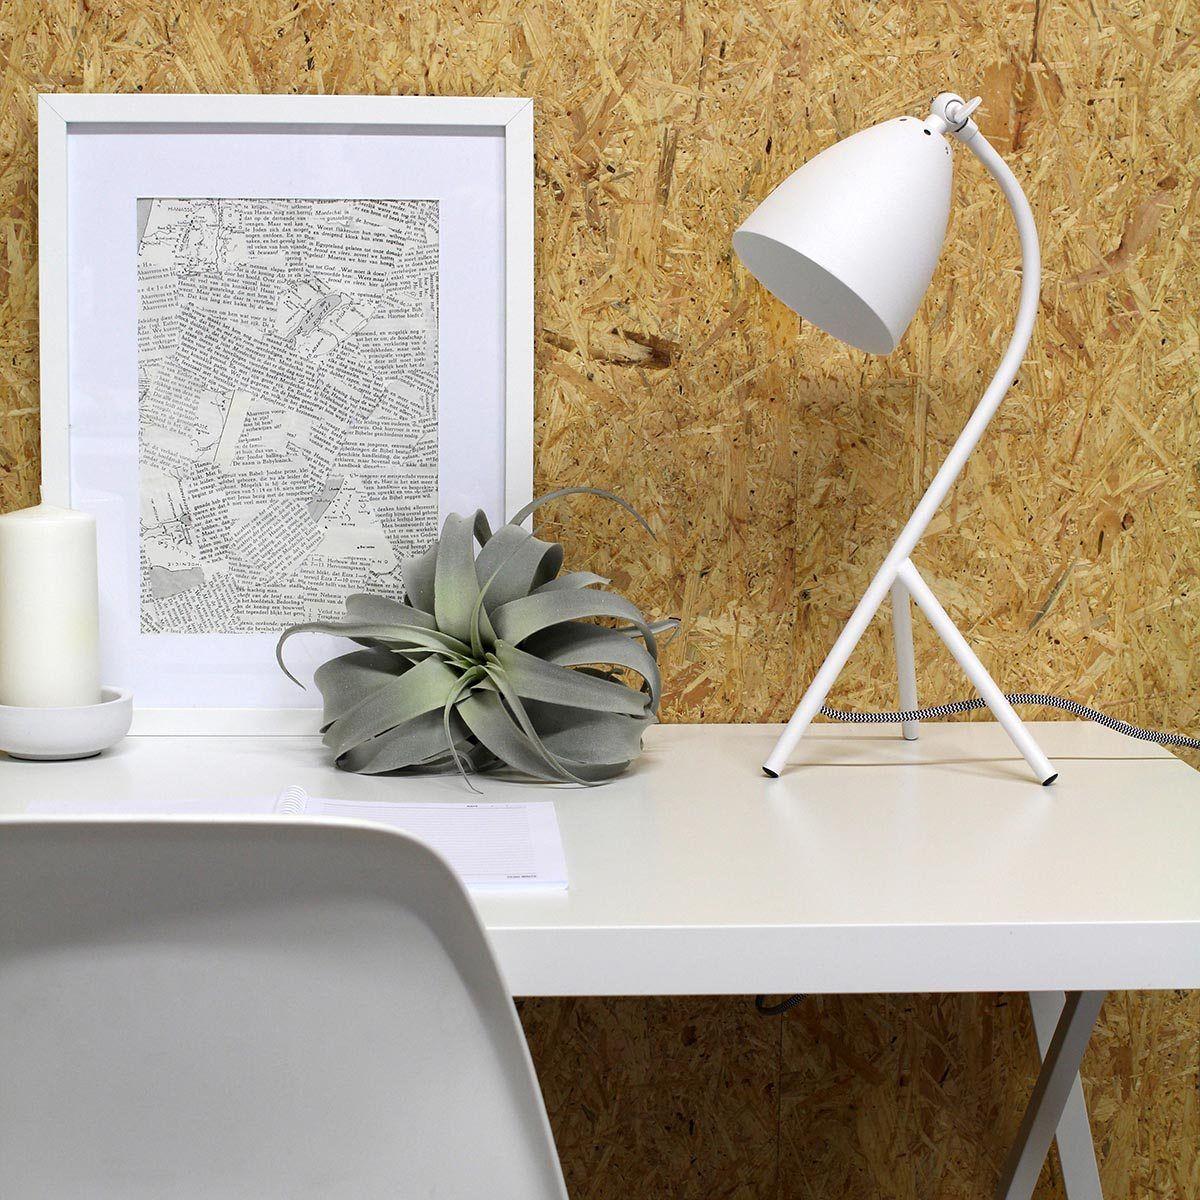 Mooie moderne witte tafellamp, bureaulamp, witte leeslamp van Steinhauer, bij Webo Verlichting in Beuningen bij Nijmegen.